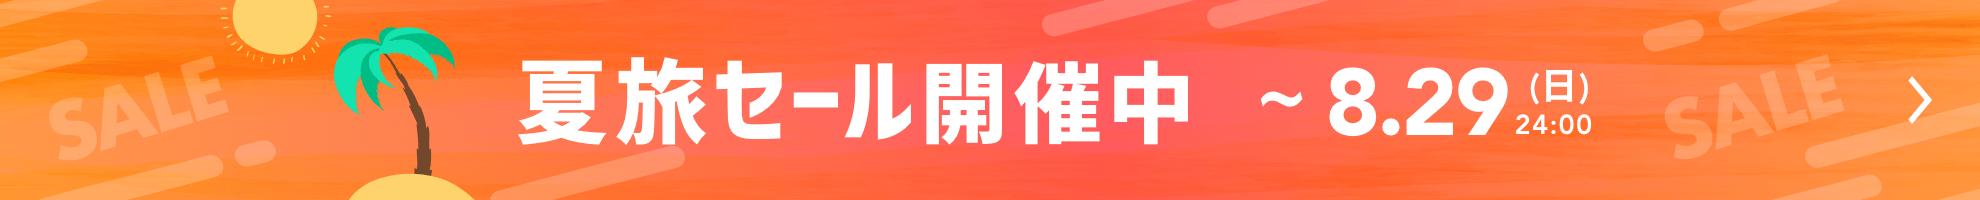 夏旅セール開催中 〜8.29(日)24:00